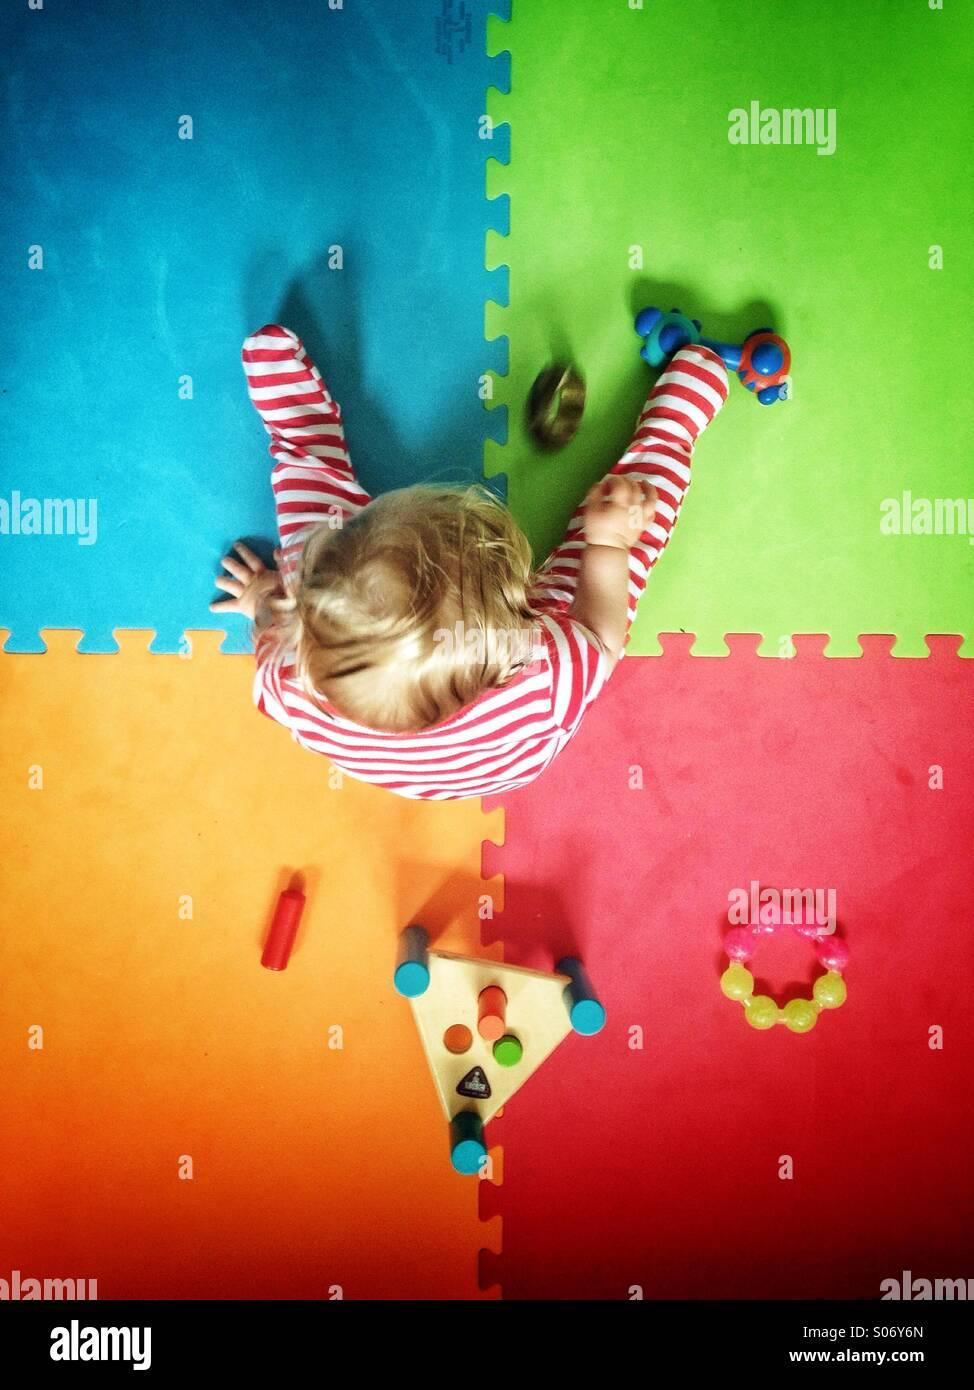 Il bambino gioca su coloratissimo tappeto gioco Immagini Stock